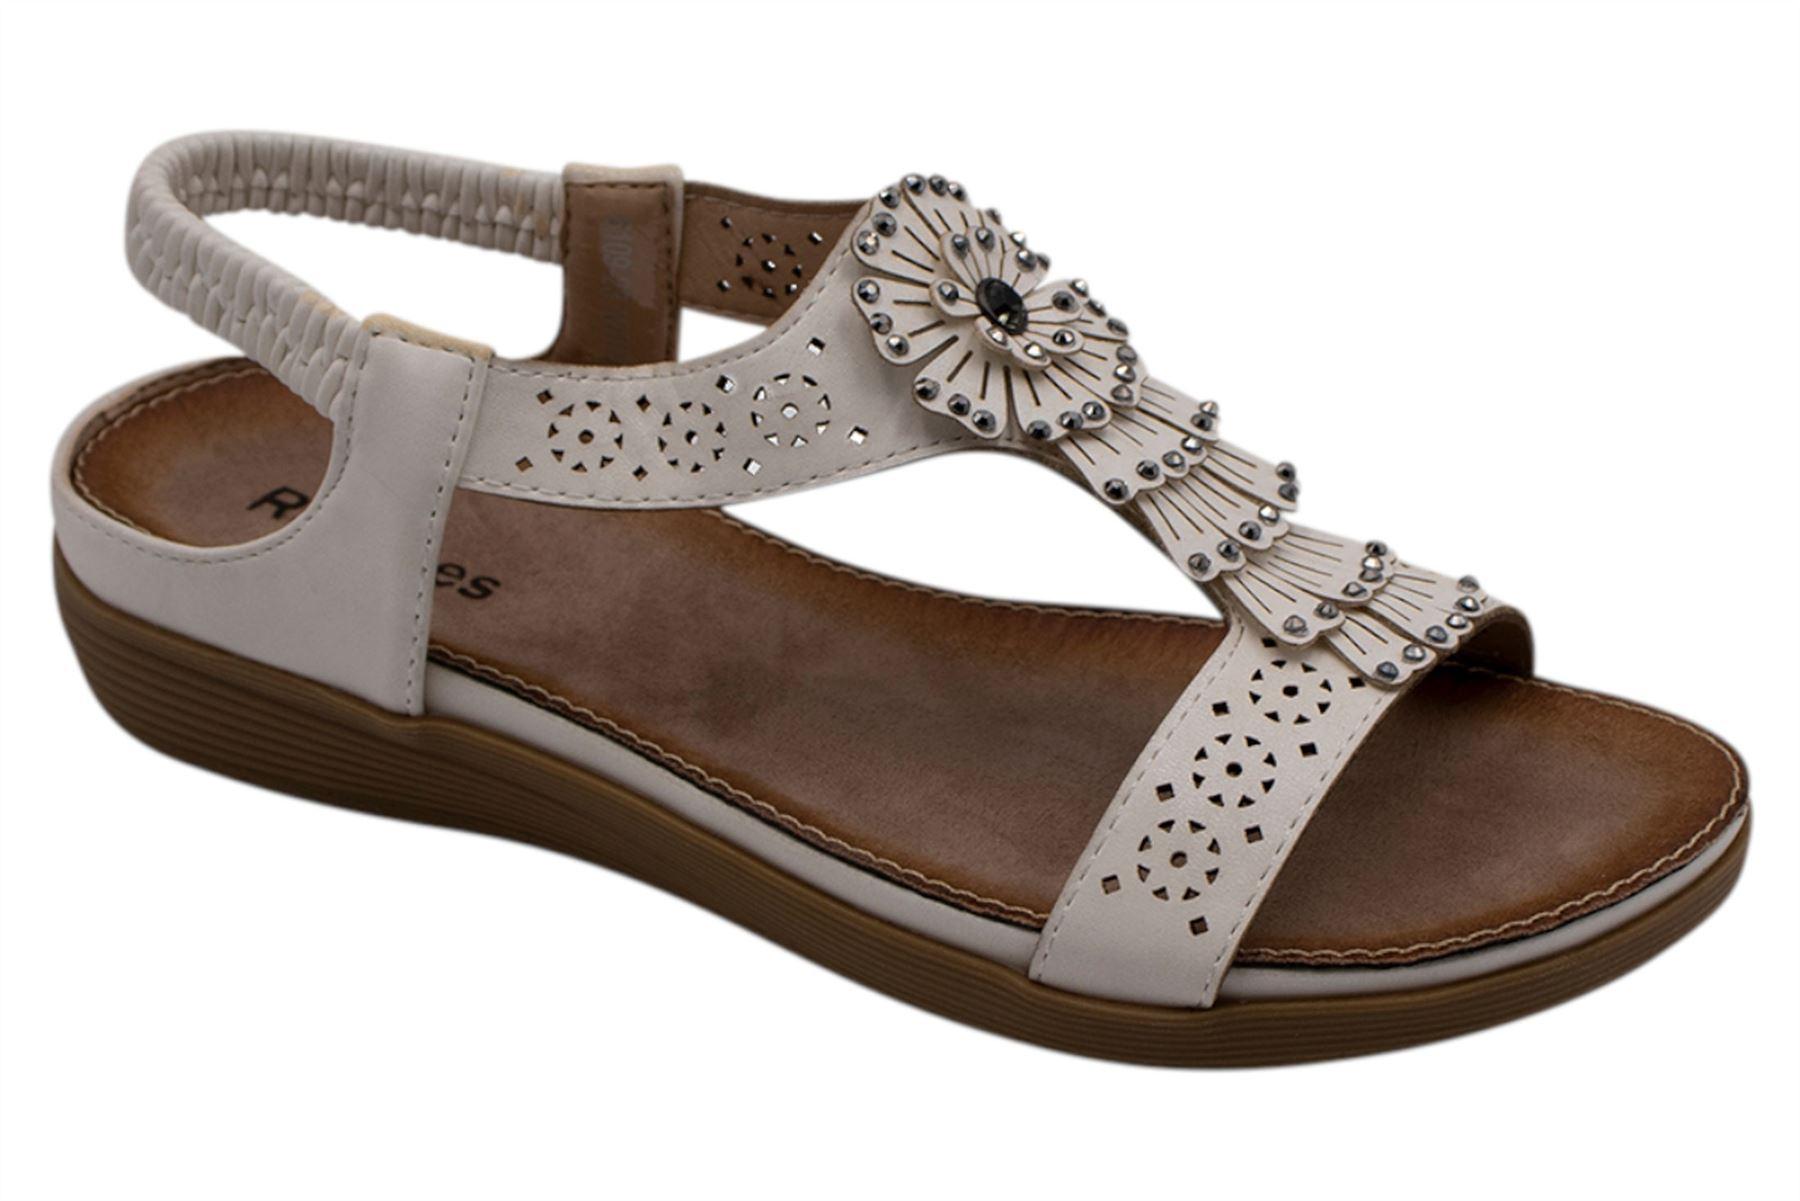 Ladies-Sandals-Womens-Shiny-Flat-Flip-Flop-Beach-Sliders miniatura 37